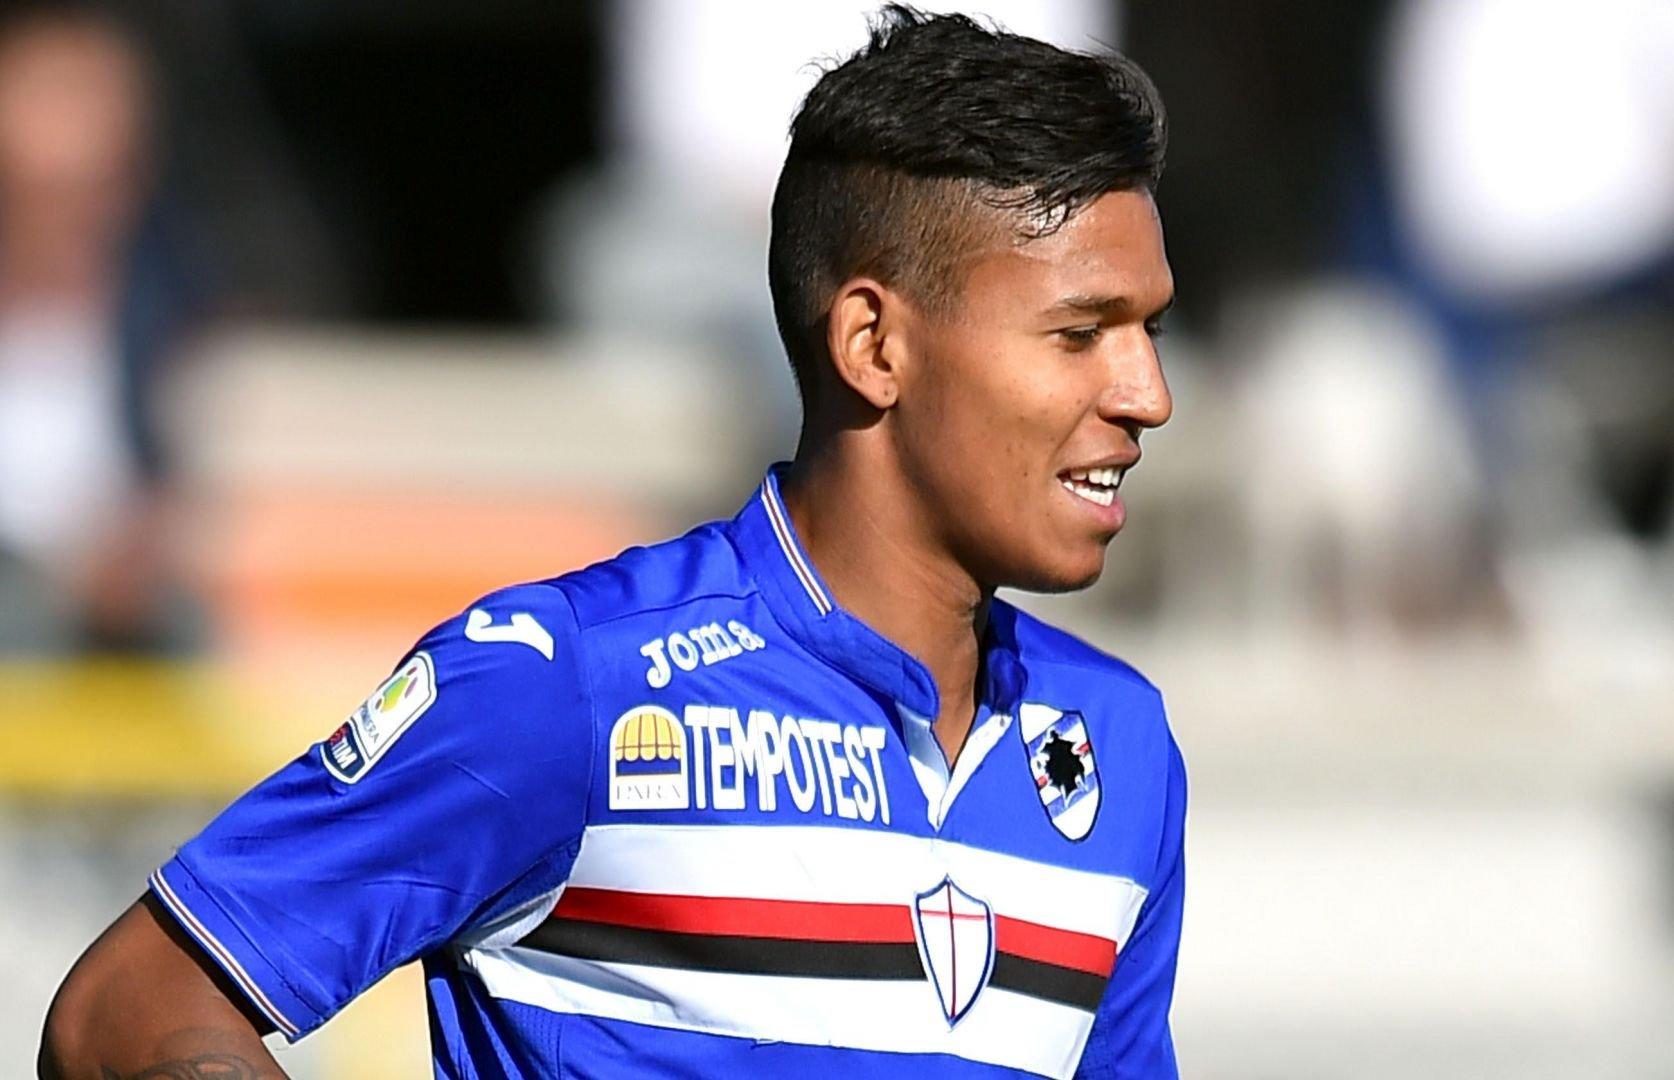 Andrés Ponce, zaguero venezolano de 21 años de edad que juega en la Sampdoria de Italia